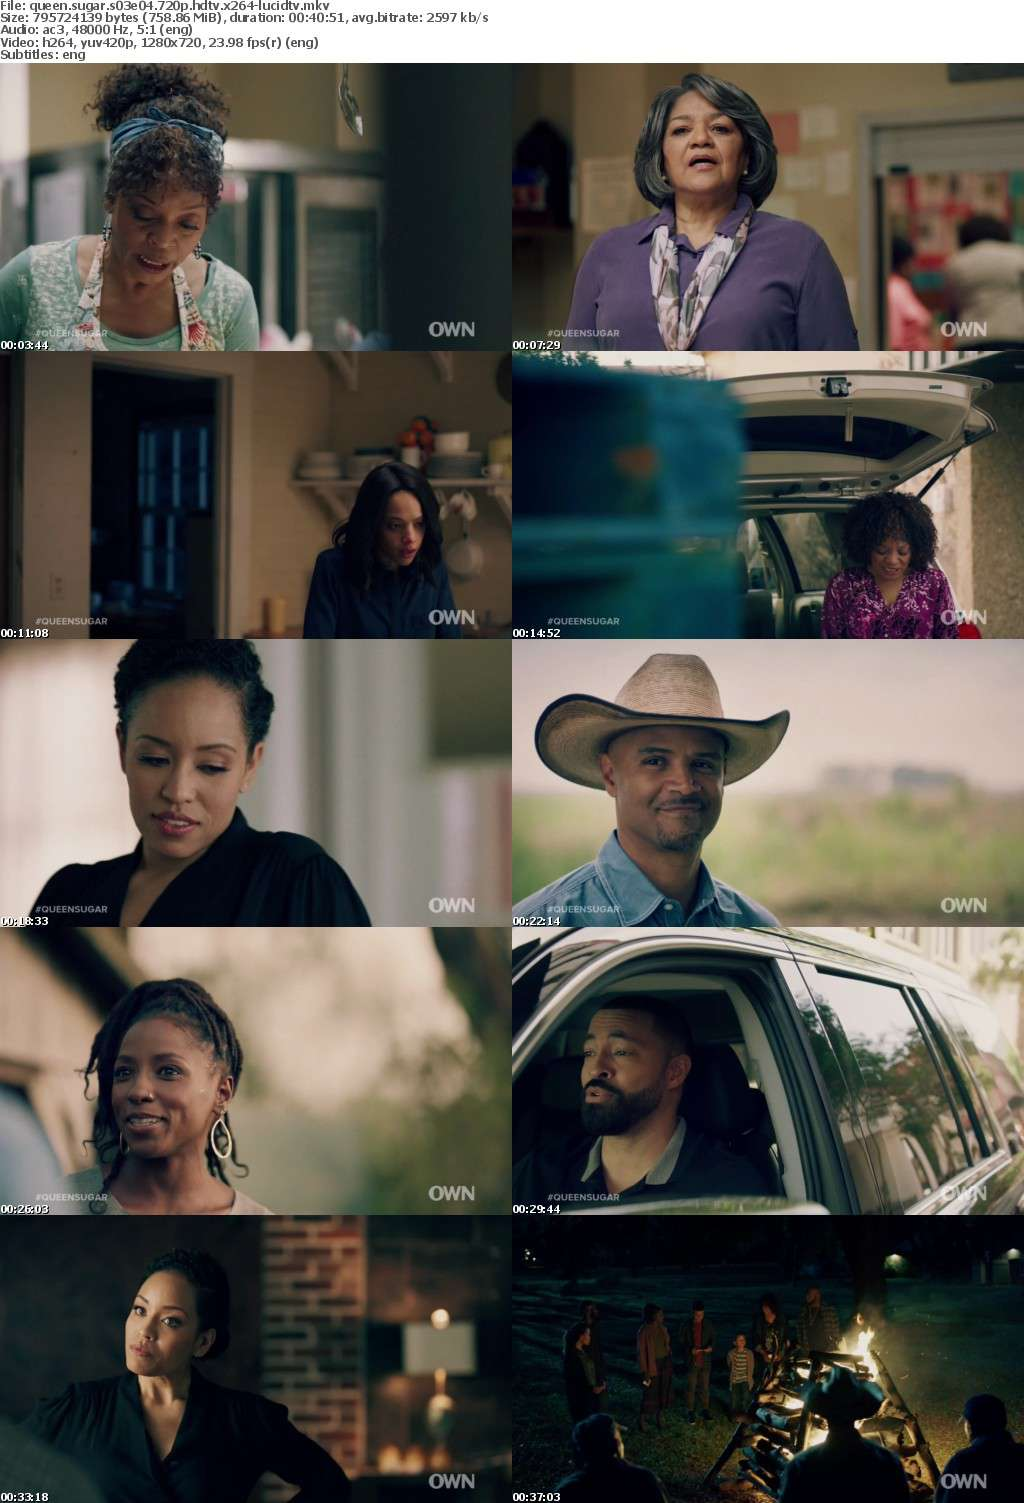 Queen Sugar S03E04 720p HDTV x264-LucidTV